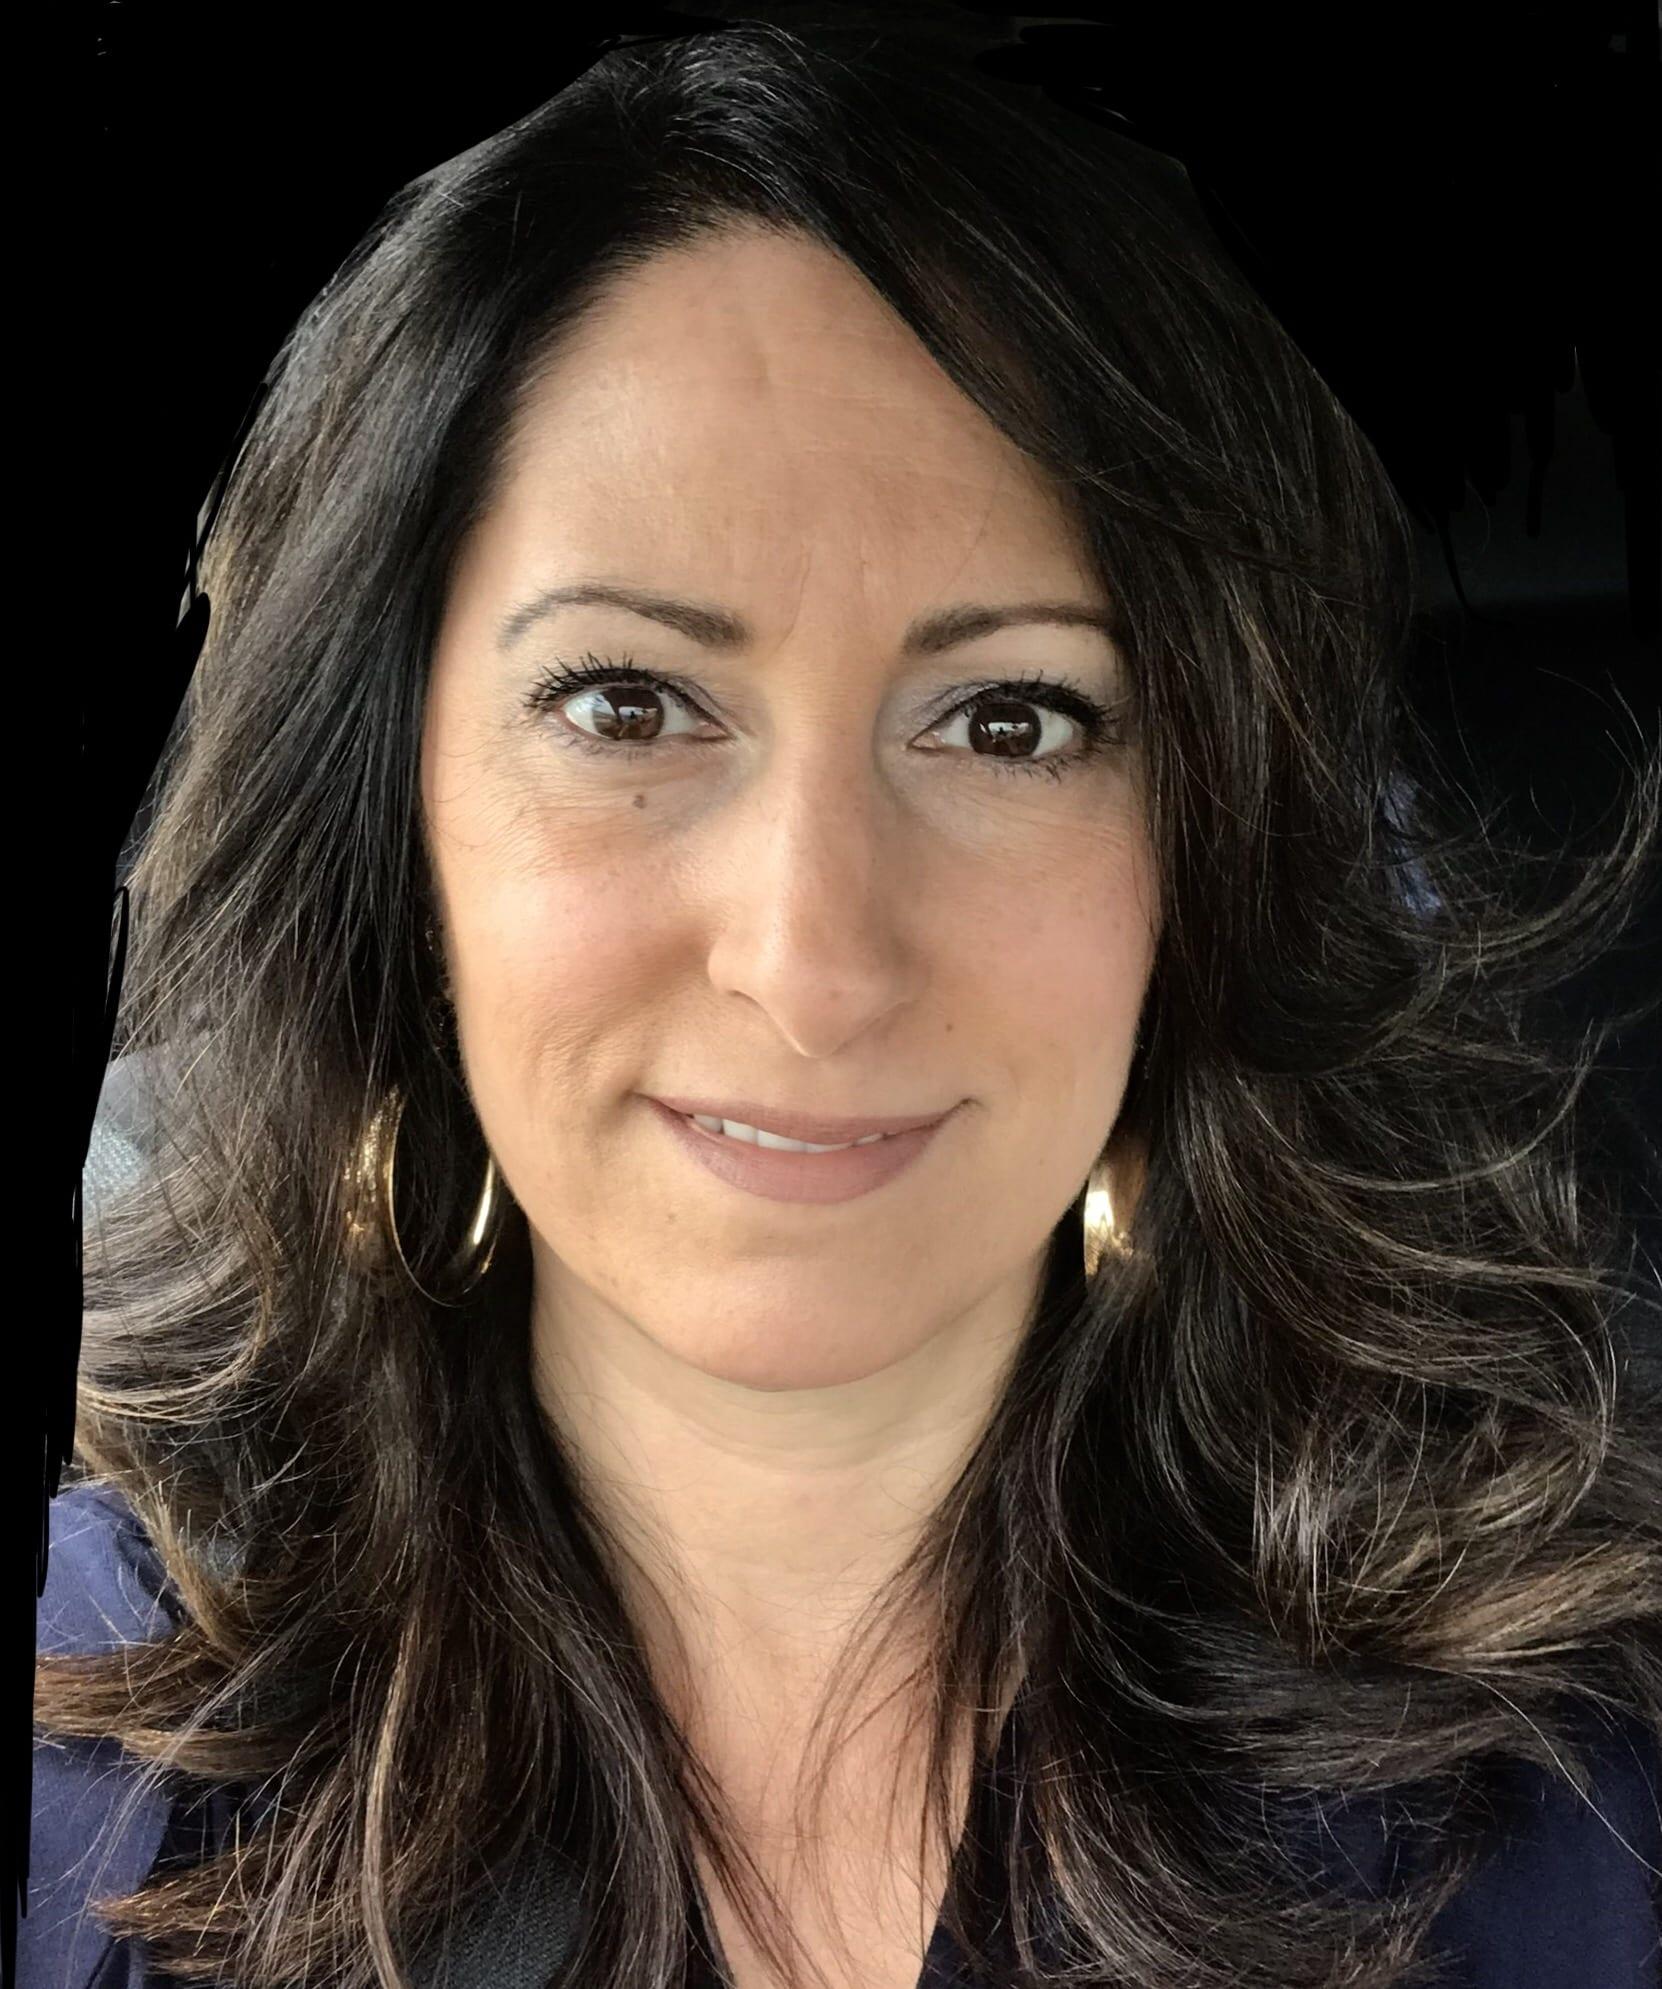 Melissa Martino